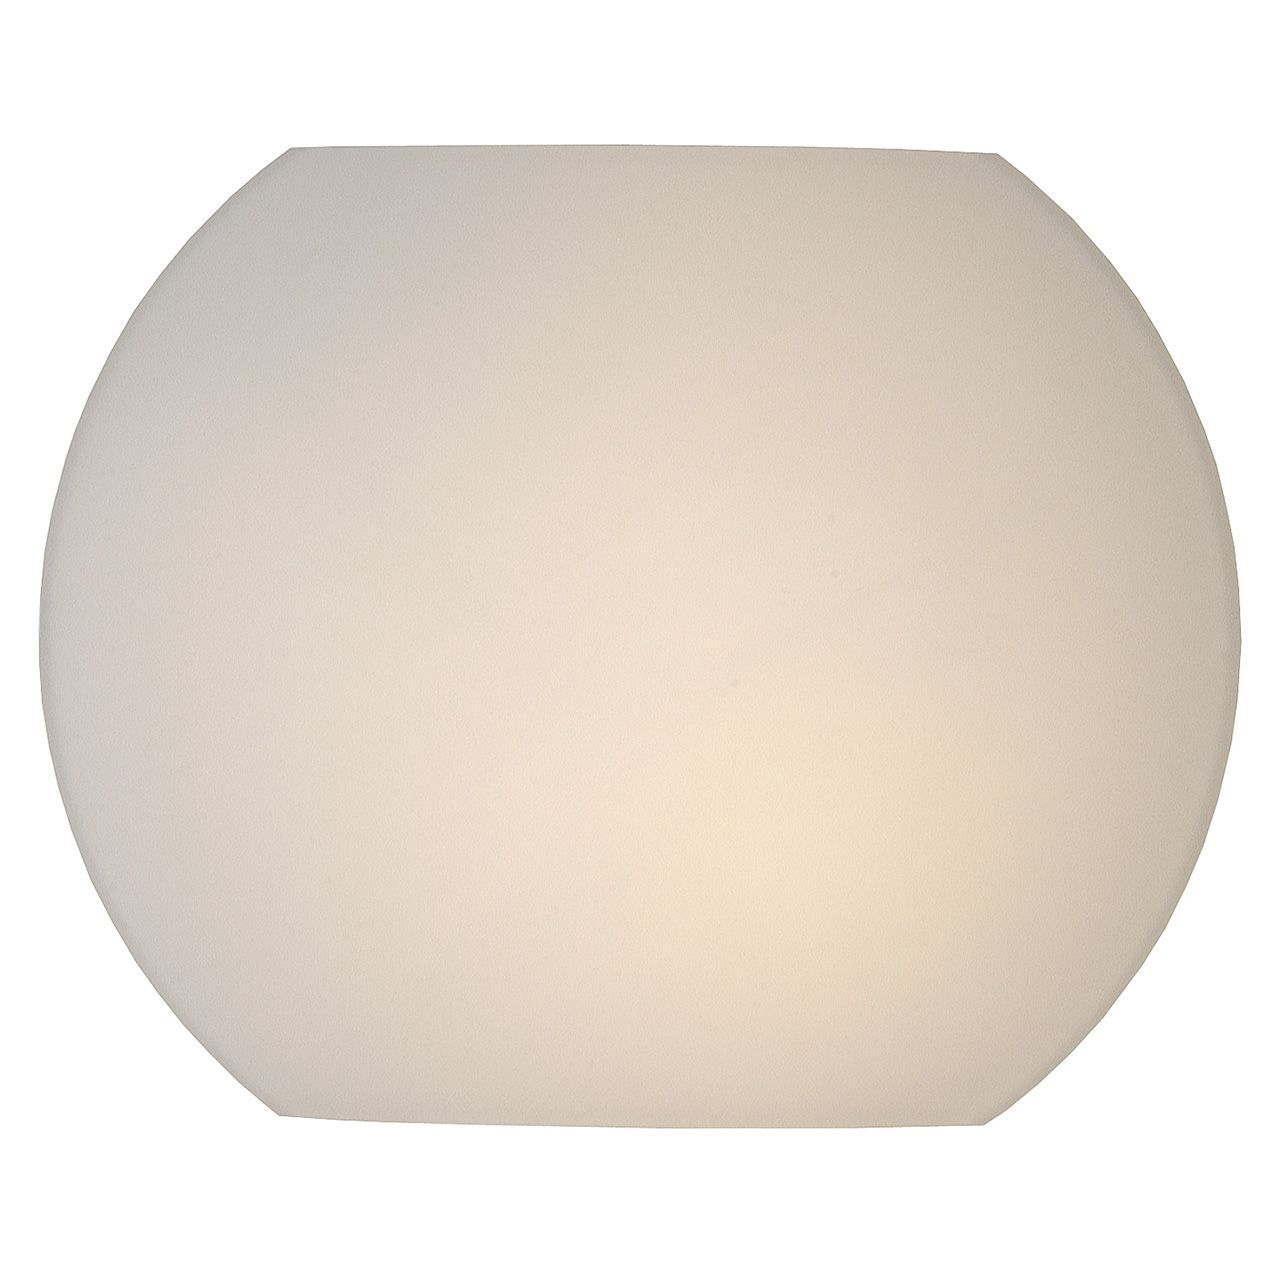 Настенный светильник Lucide Lagan 20226/25/61